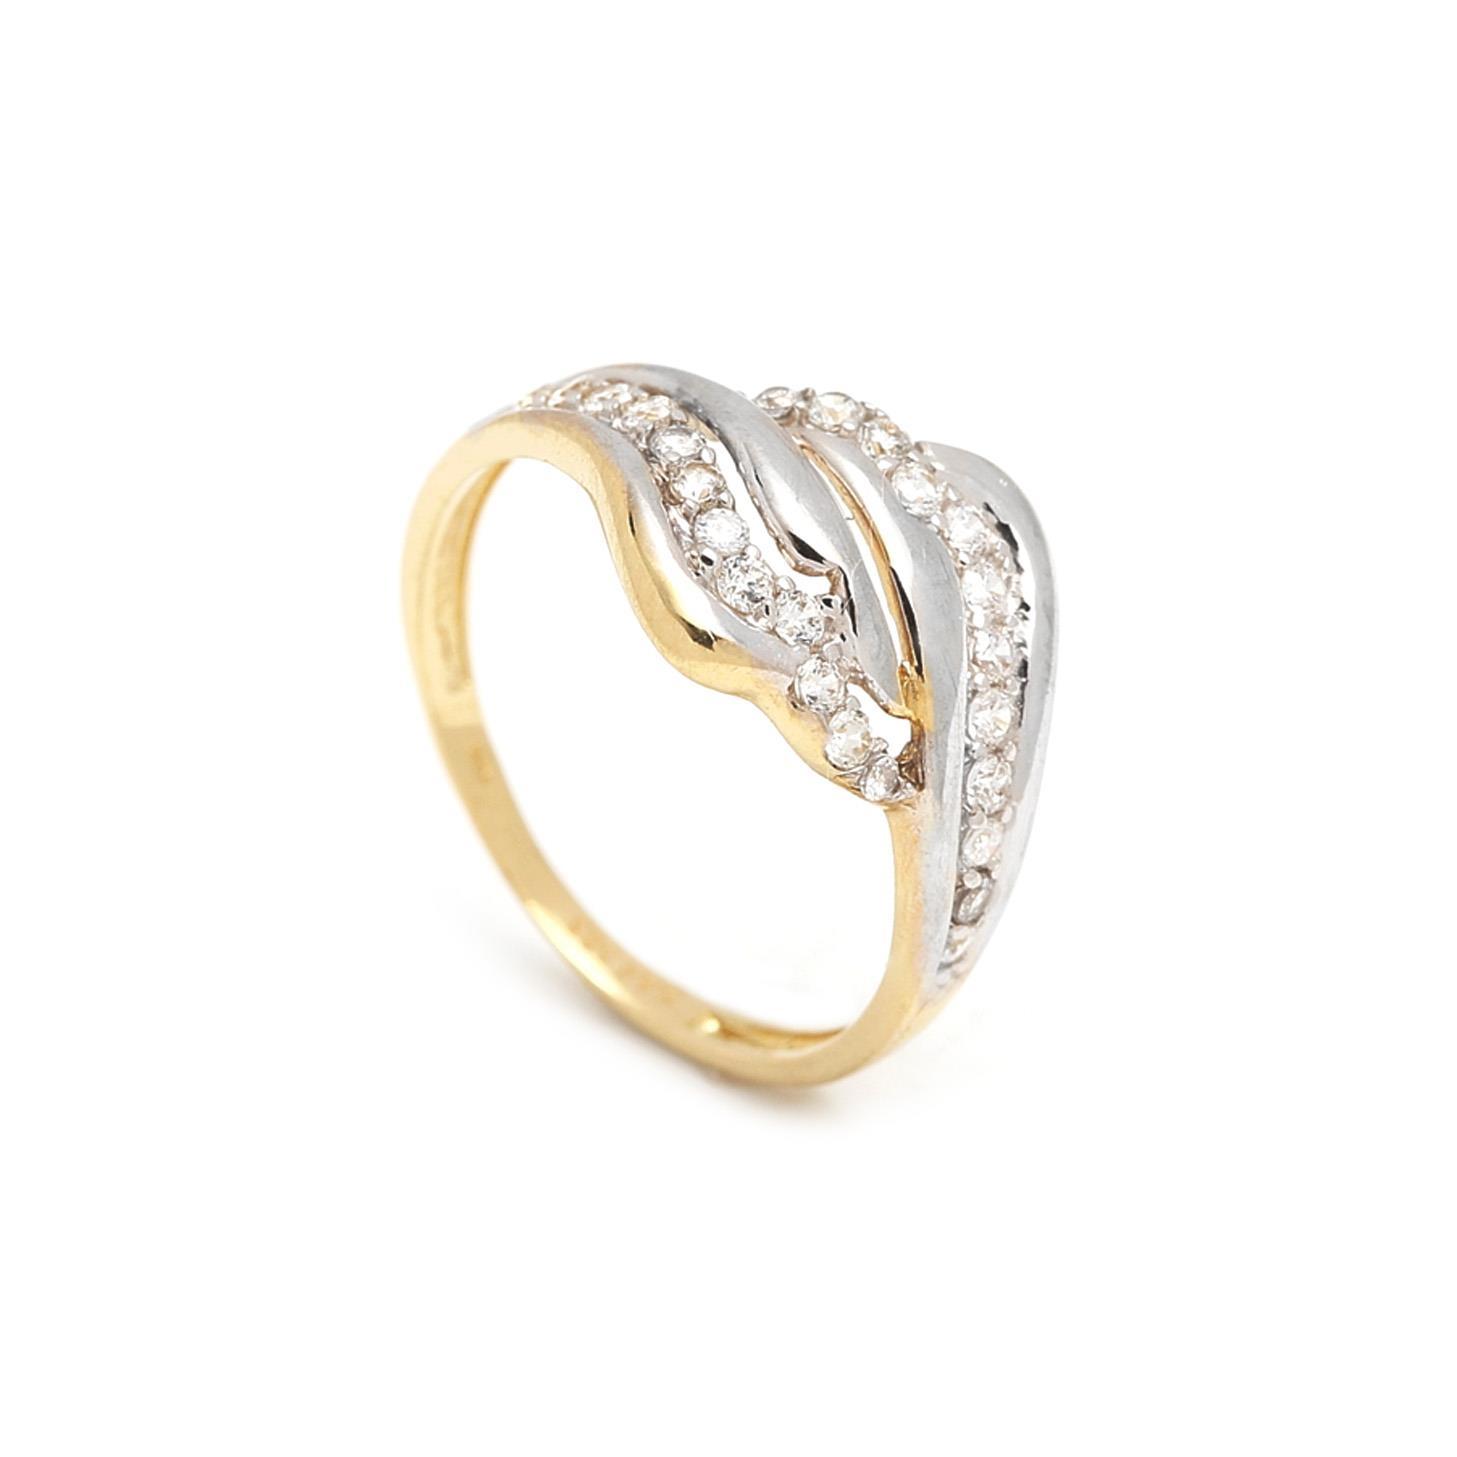 Zlatý dámsky prsteň FLORIANA 1PZ00053